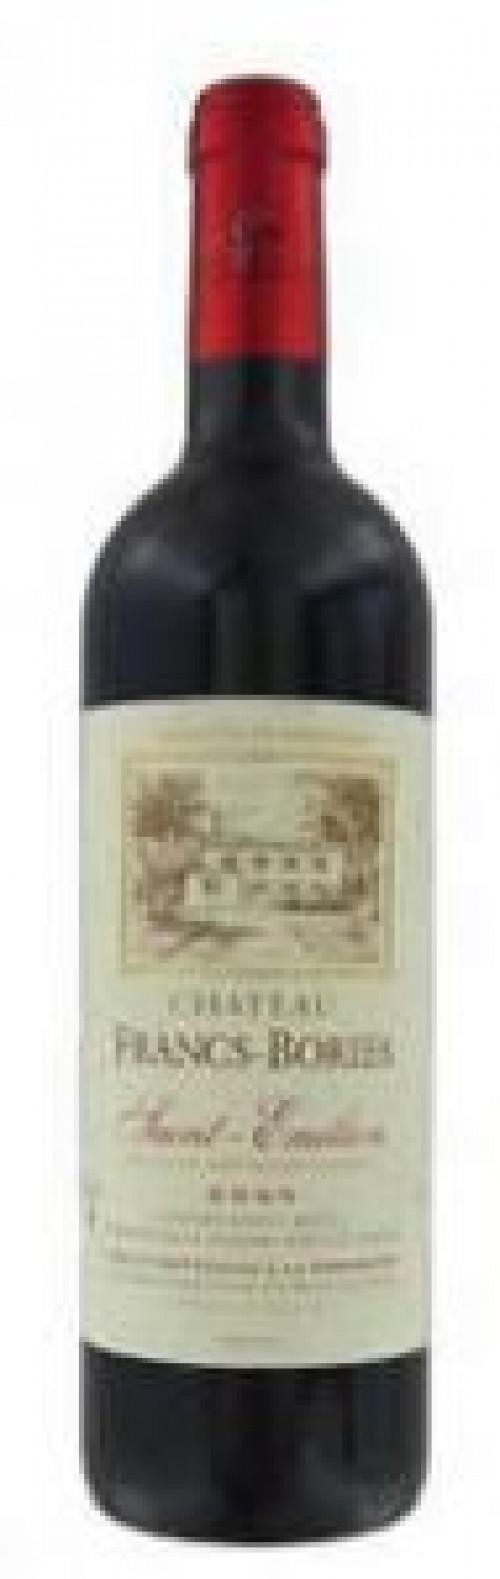 2018 Chateau Francs Bories Saint-Emilion 750ml